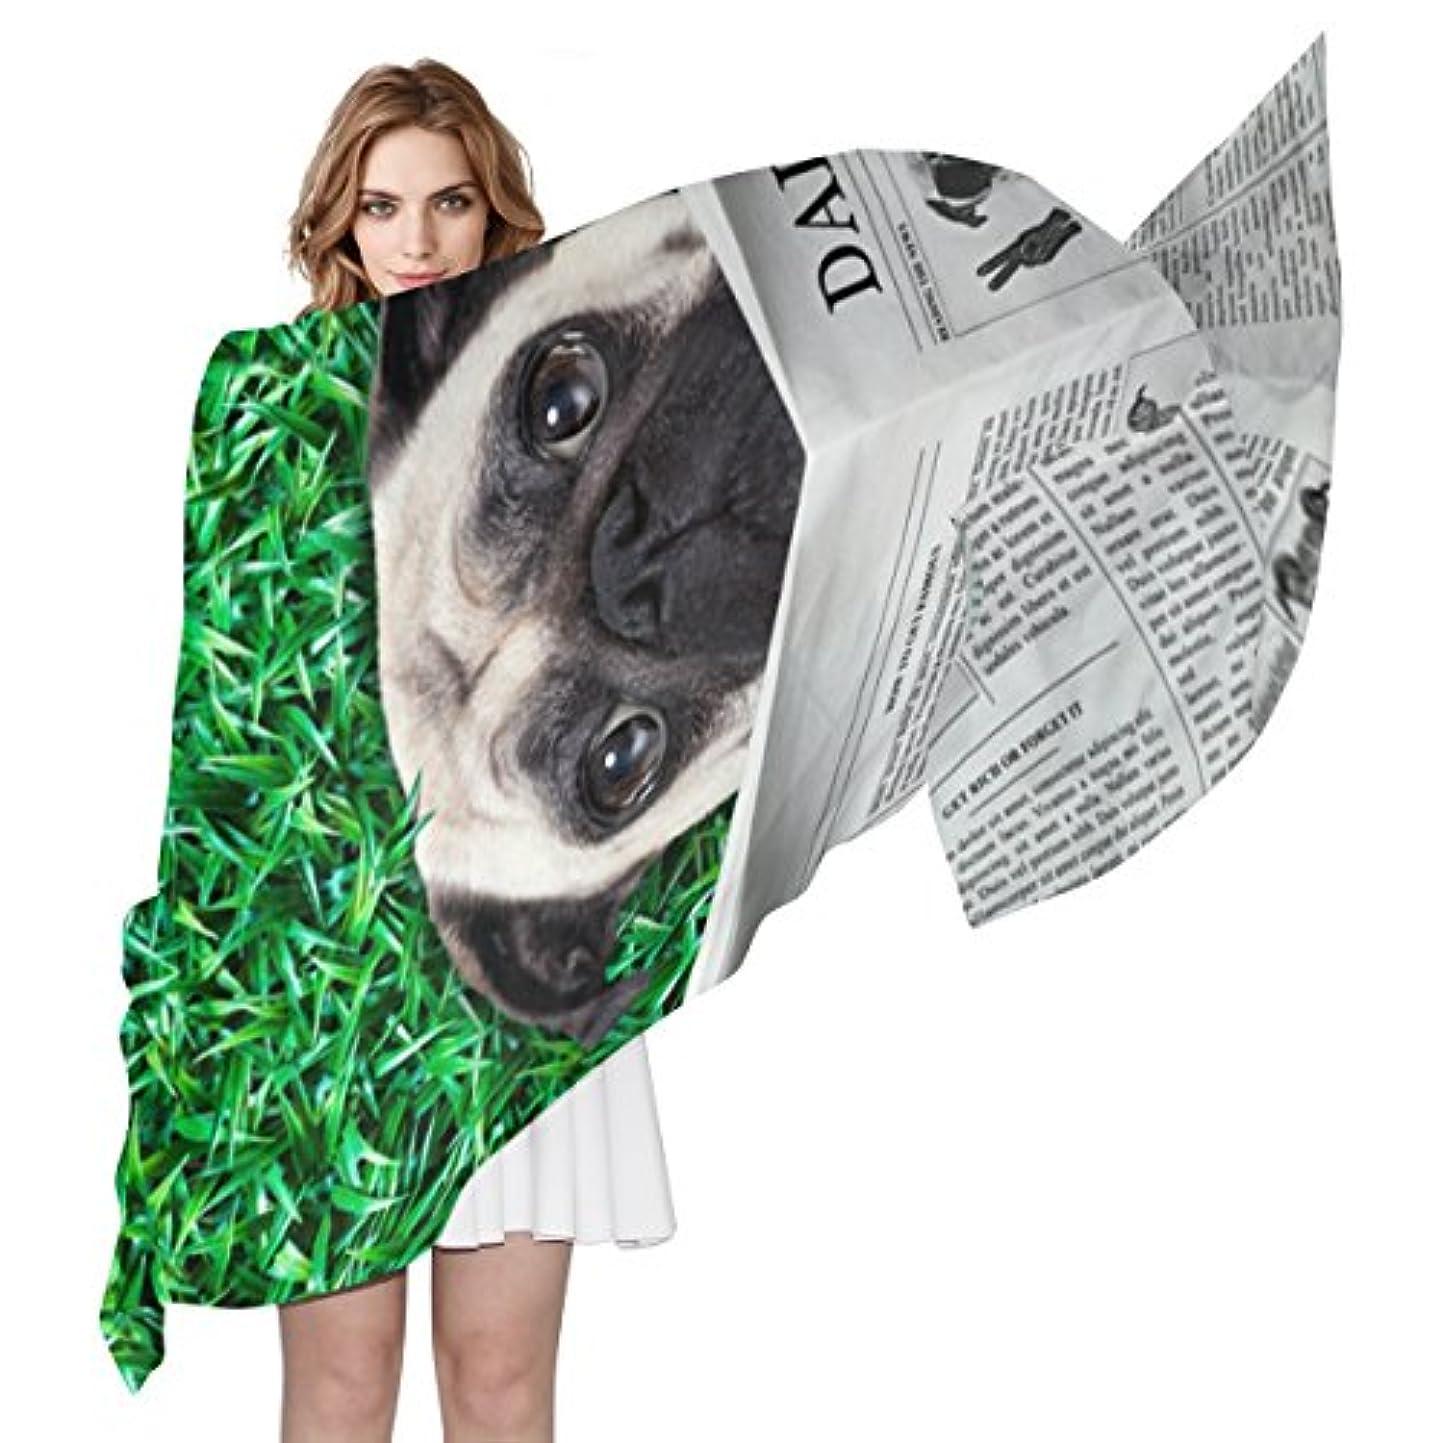 シマウマ岩貧困旅立の店 シルクスカーフ ストール ネッカチーフ マフラー バンダナ  ショール  犬柄 新聞を読む 大判 薄手 優れた肌触り お洒落 高級感 冷房対策 レディース 通勤 旅行 180x90cm